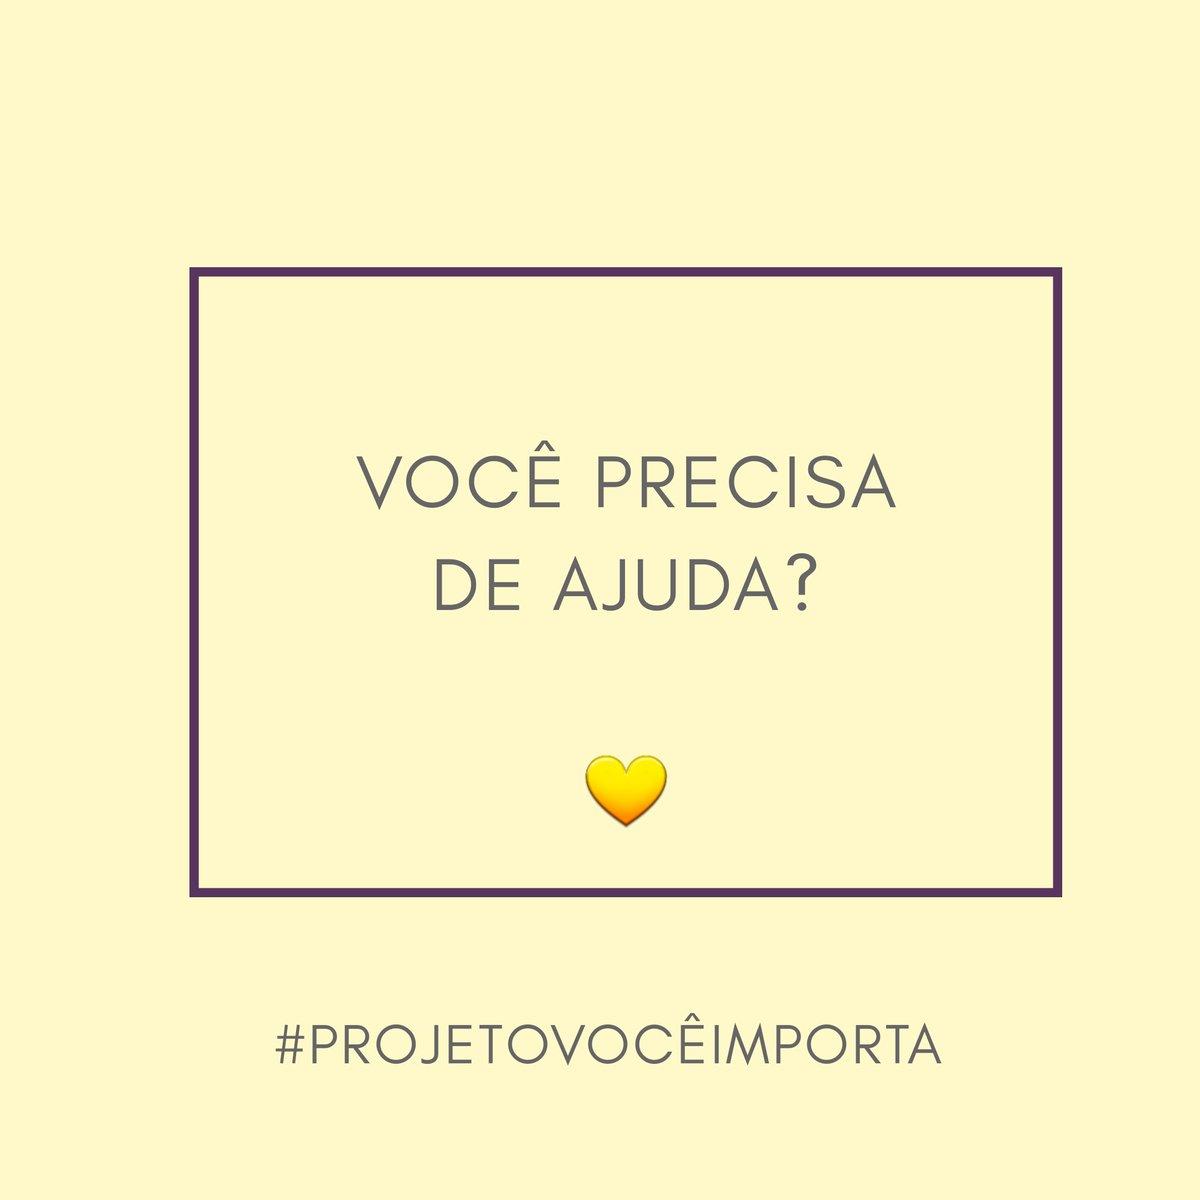 Bom dia pra você 💛  #ProjetoVocêImporta #SaúdeMental #PrevençãodoSuicídio #EquipeDeApoio